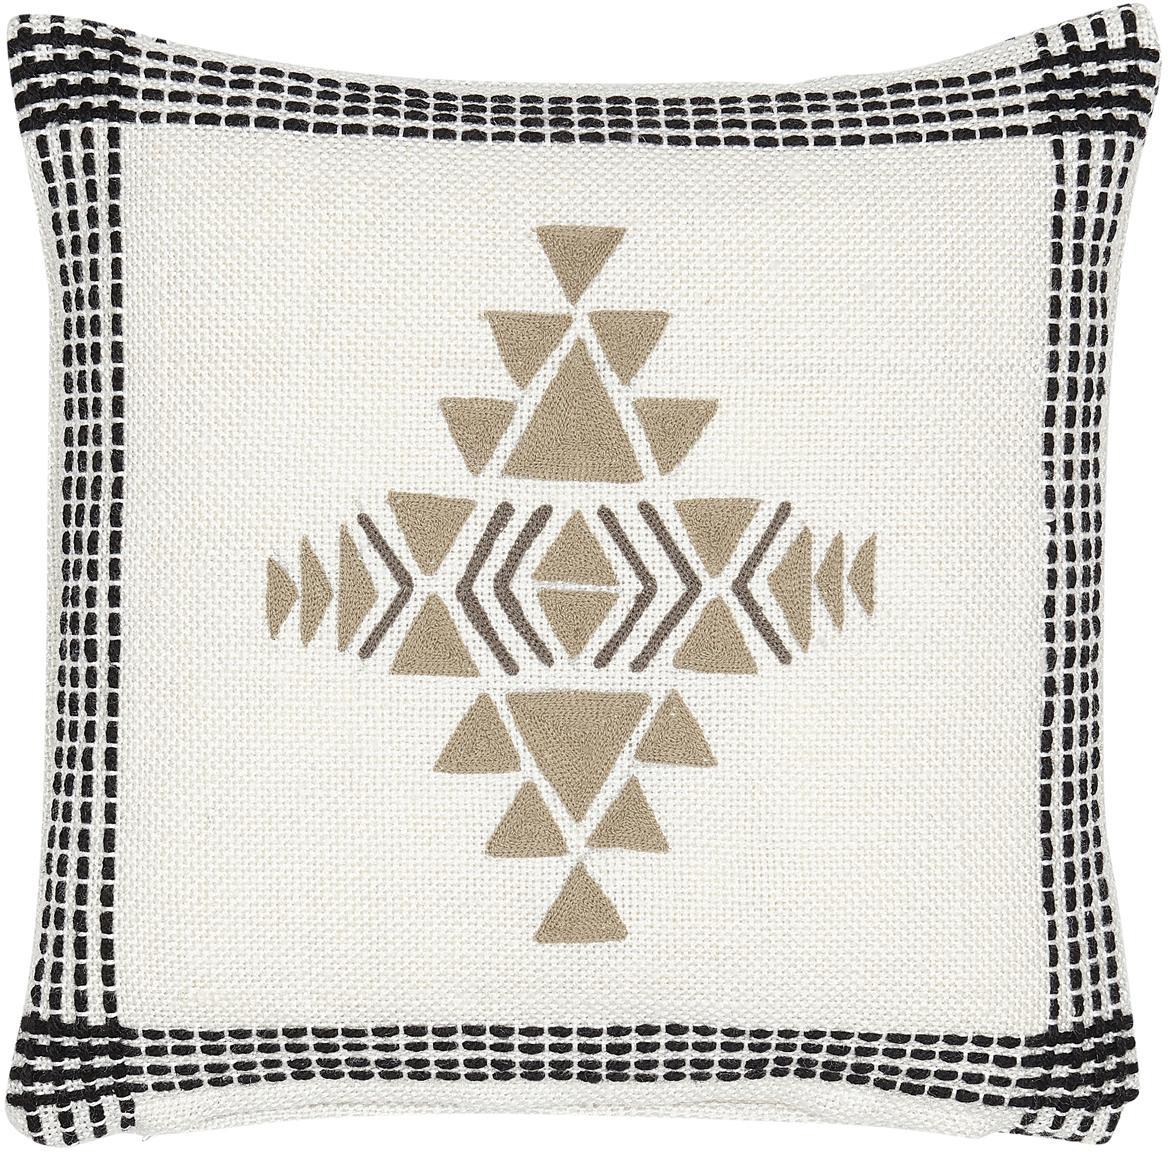 Ethno kussen Aztec van gerecycled PET, met vulling, Gebroken wit, zwart, beige, 45 x 45 cm